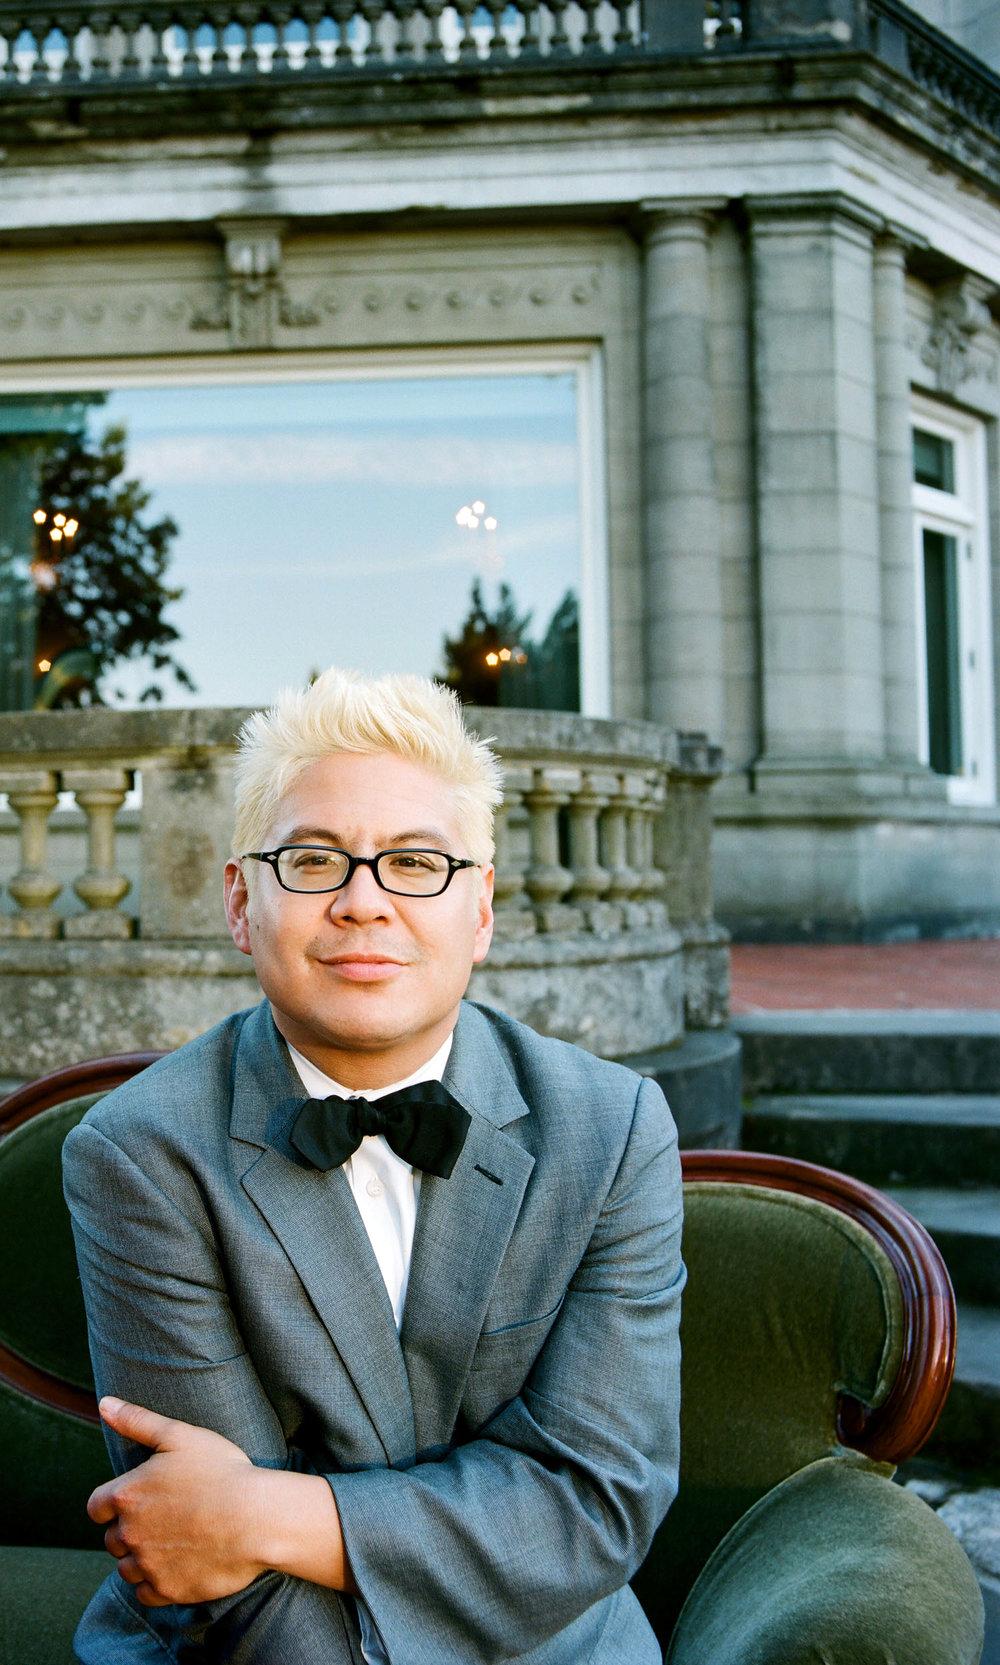 Pink Martini Bandleader Thomas Lauderdale